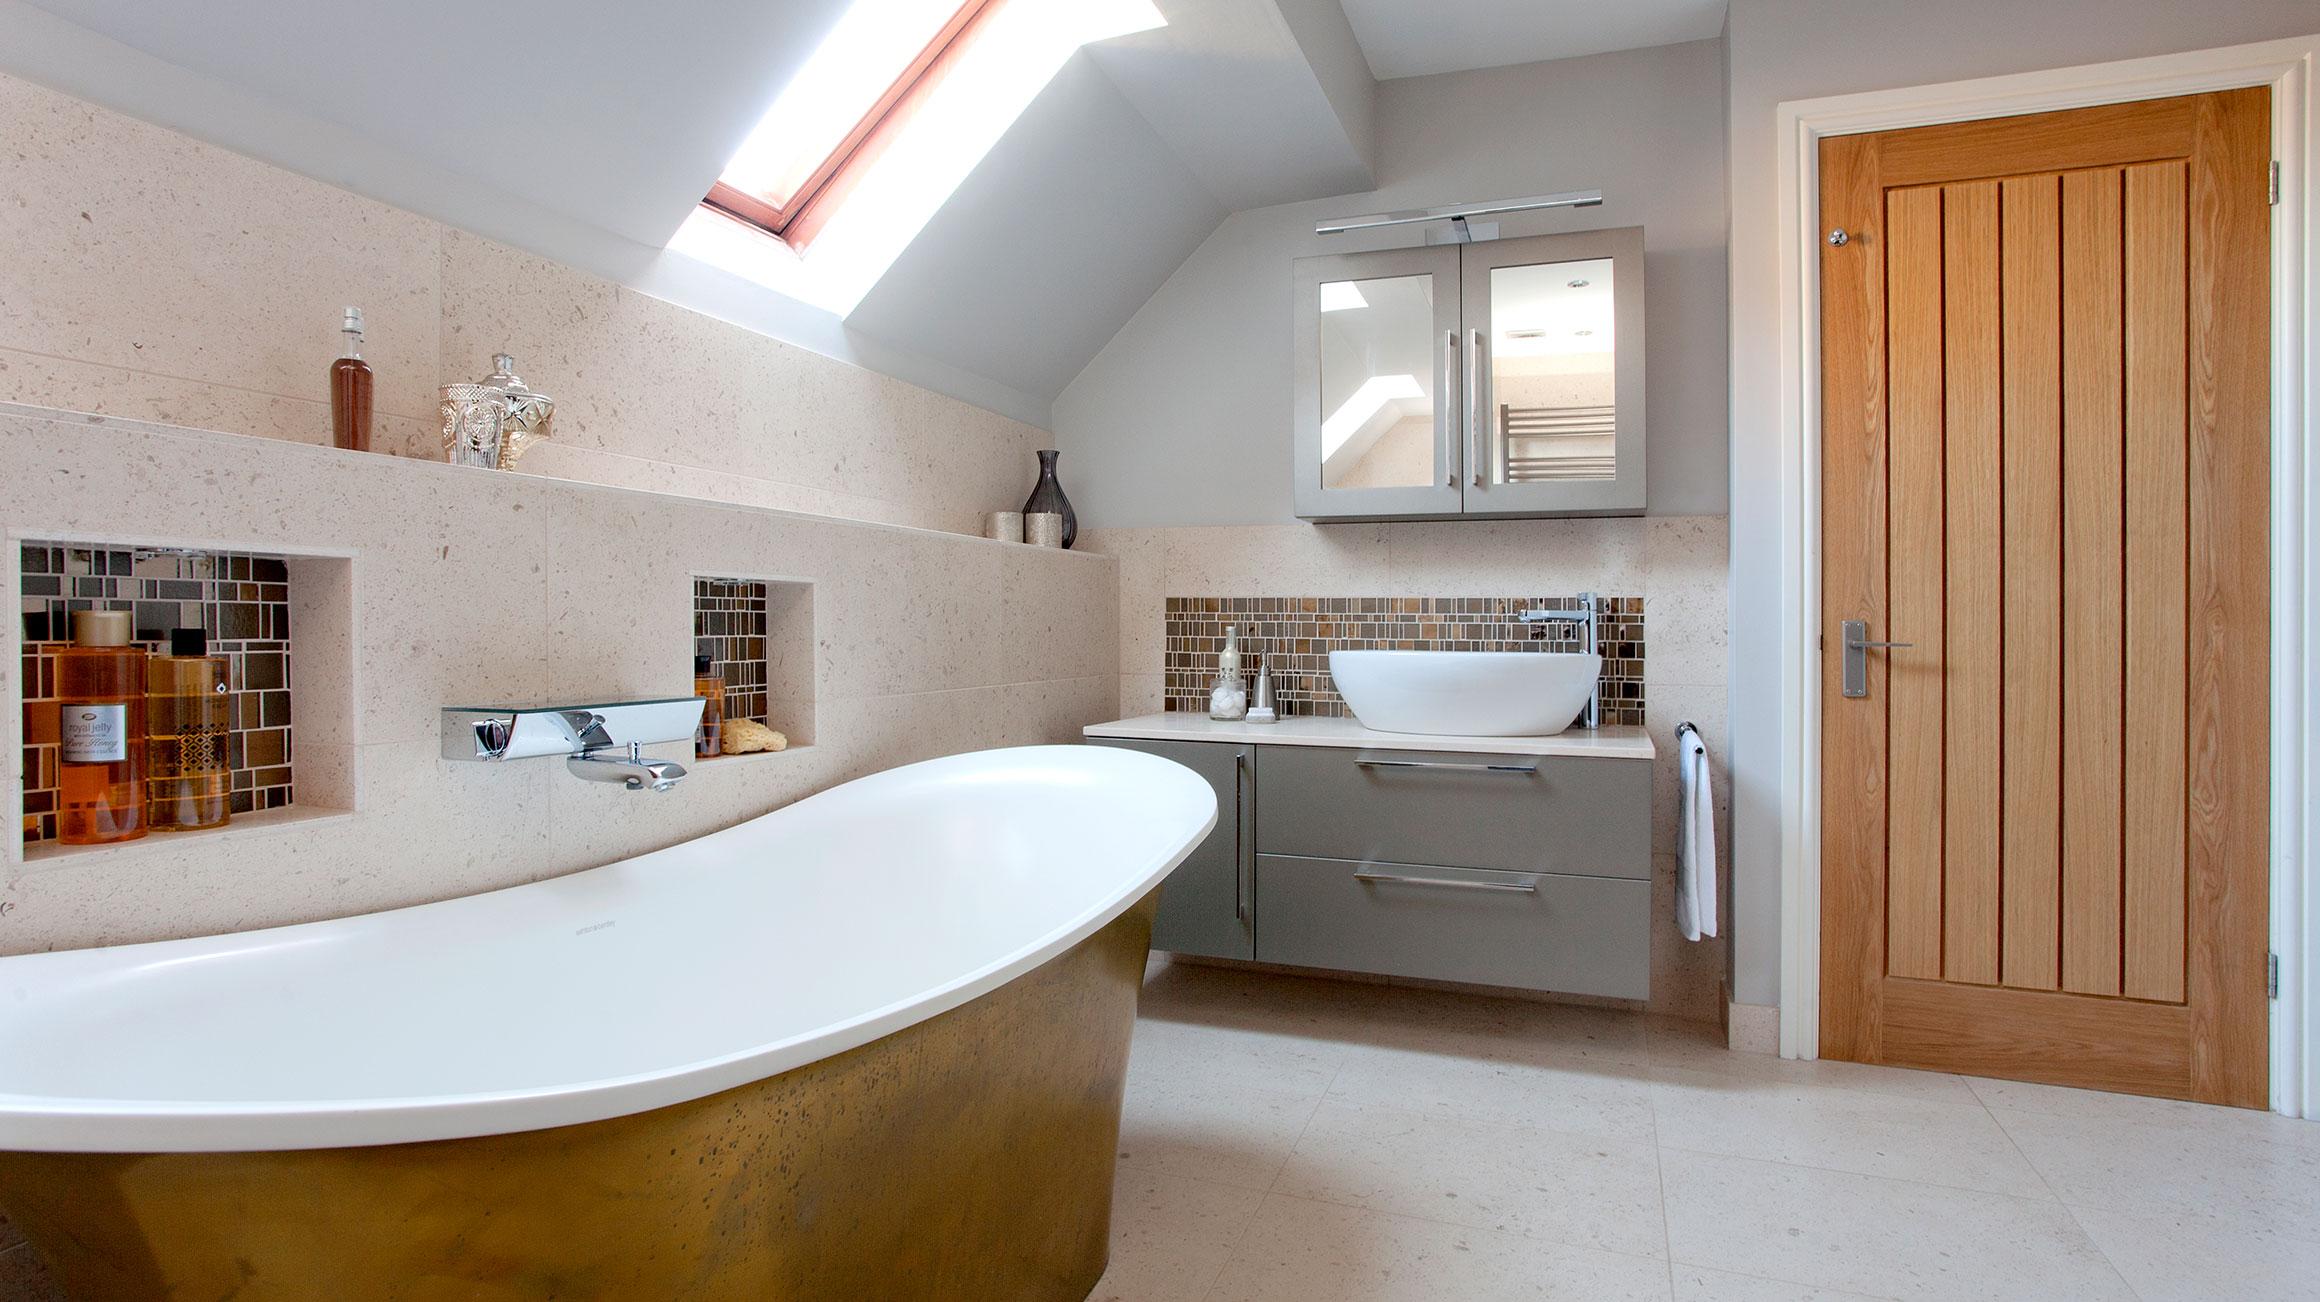 Bagni Da Sogno Piccoli : Originale bagno da sogno arredato con tonalità naturali hansgrohe it